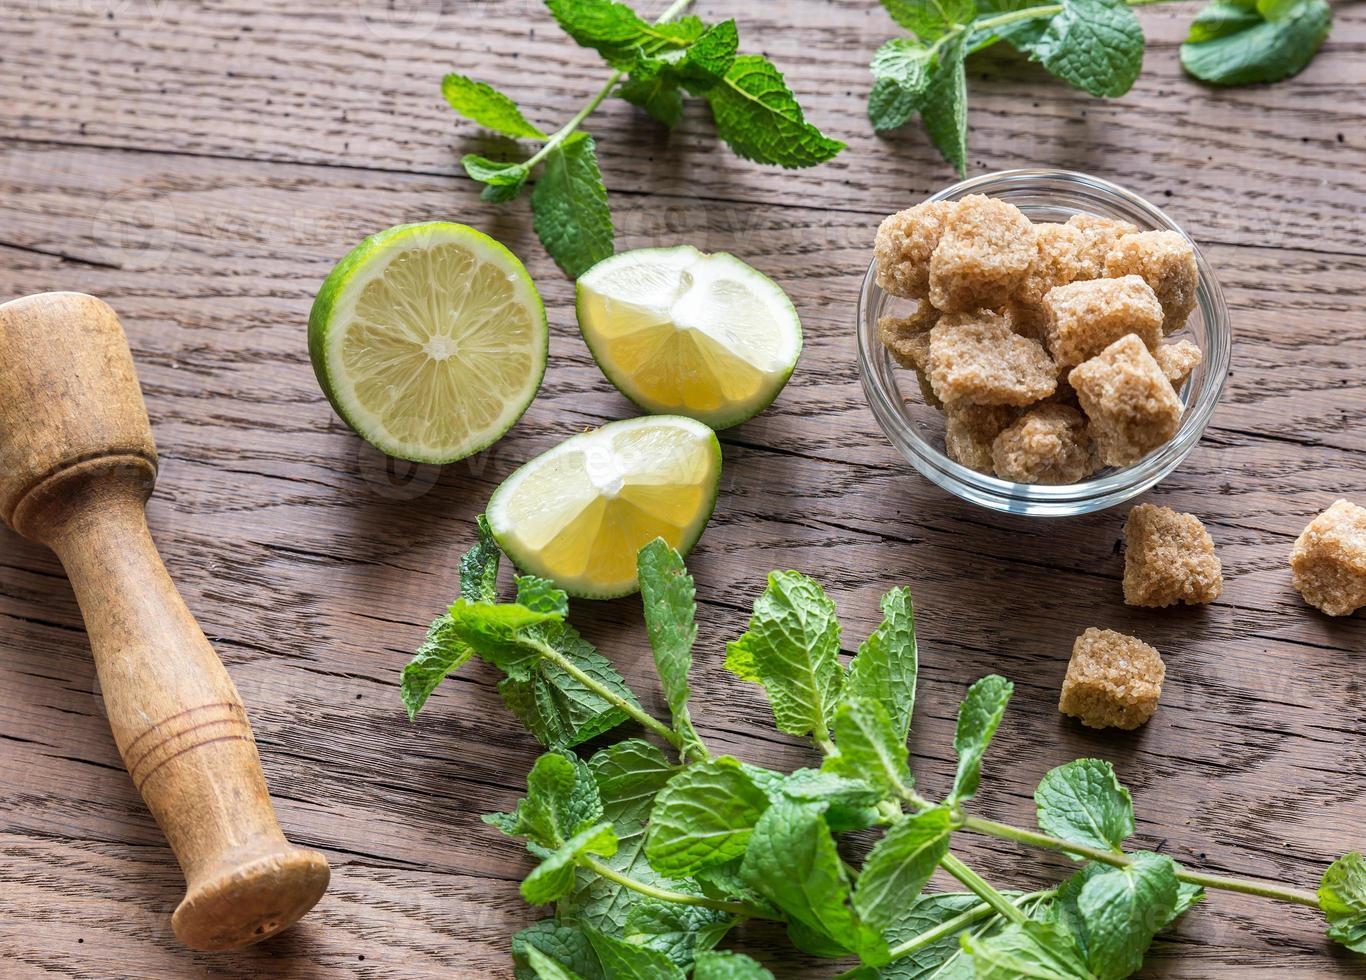 ingrediënten voor mojito op de houten achtergrond foto